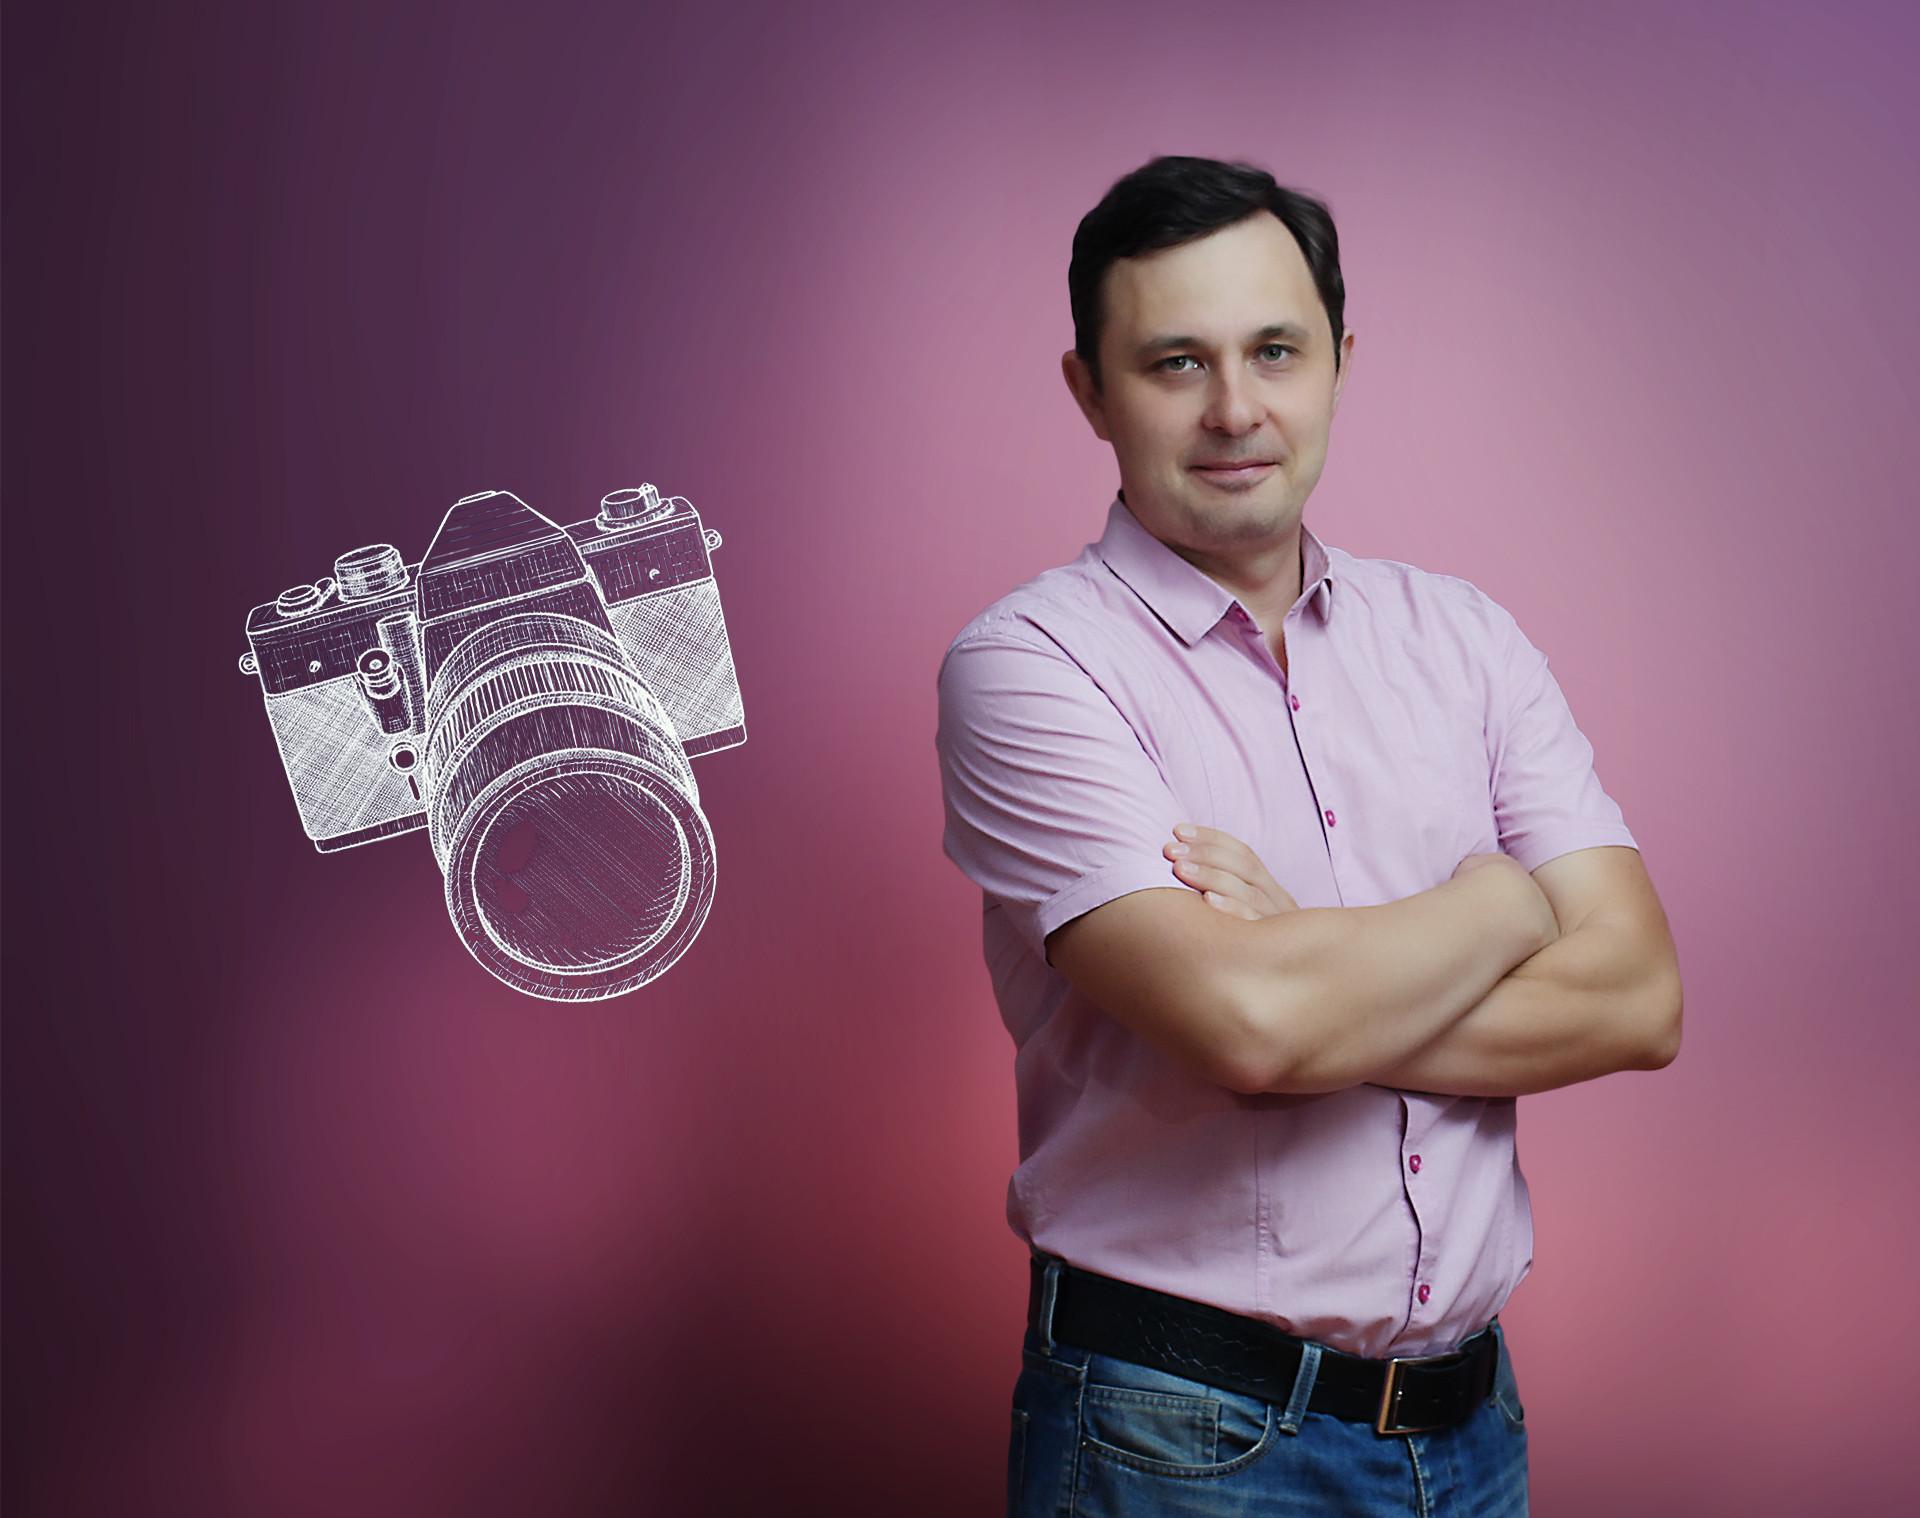 фотограф фриланс москва